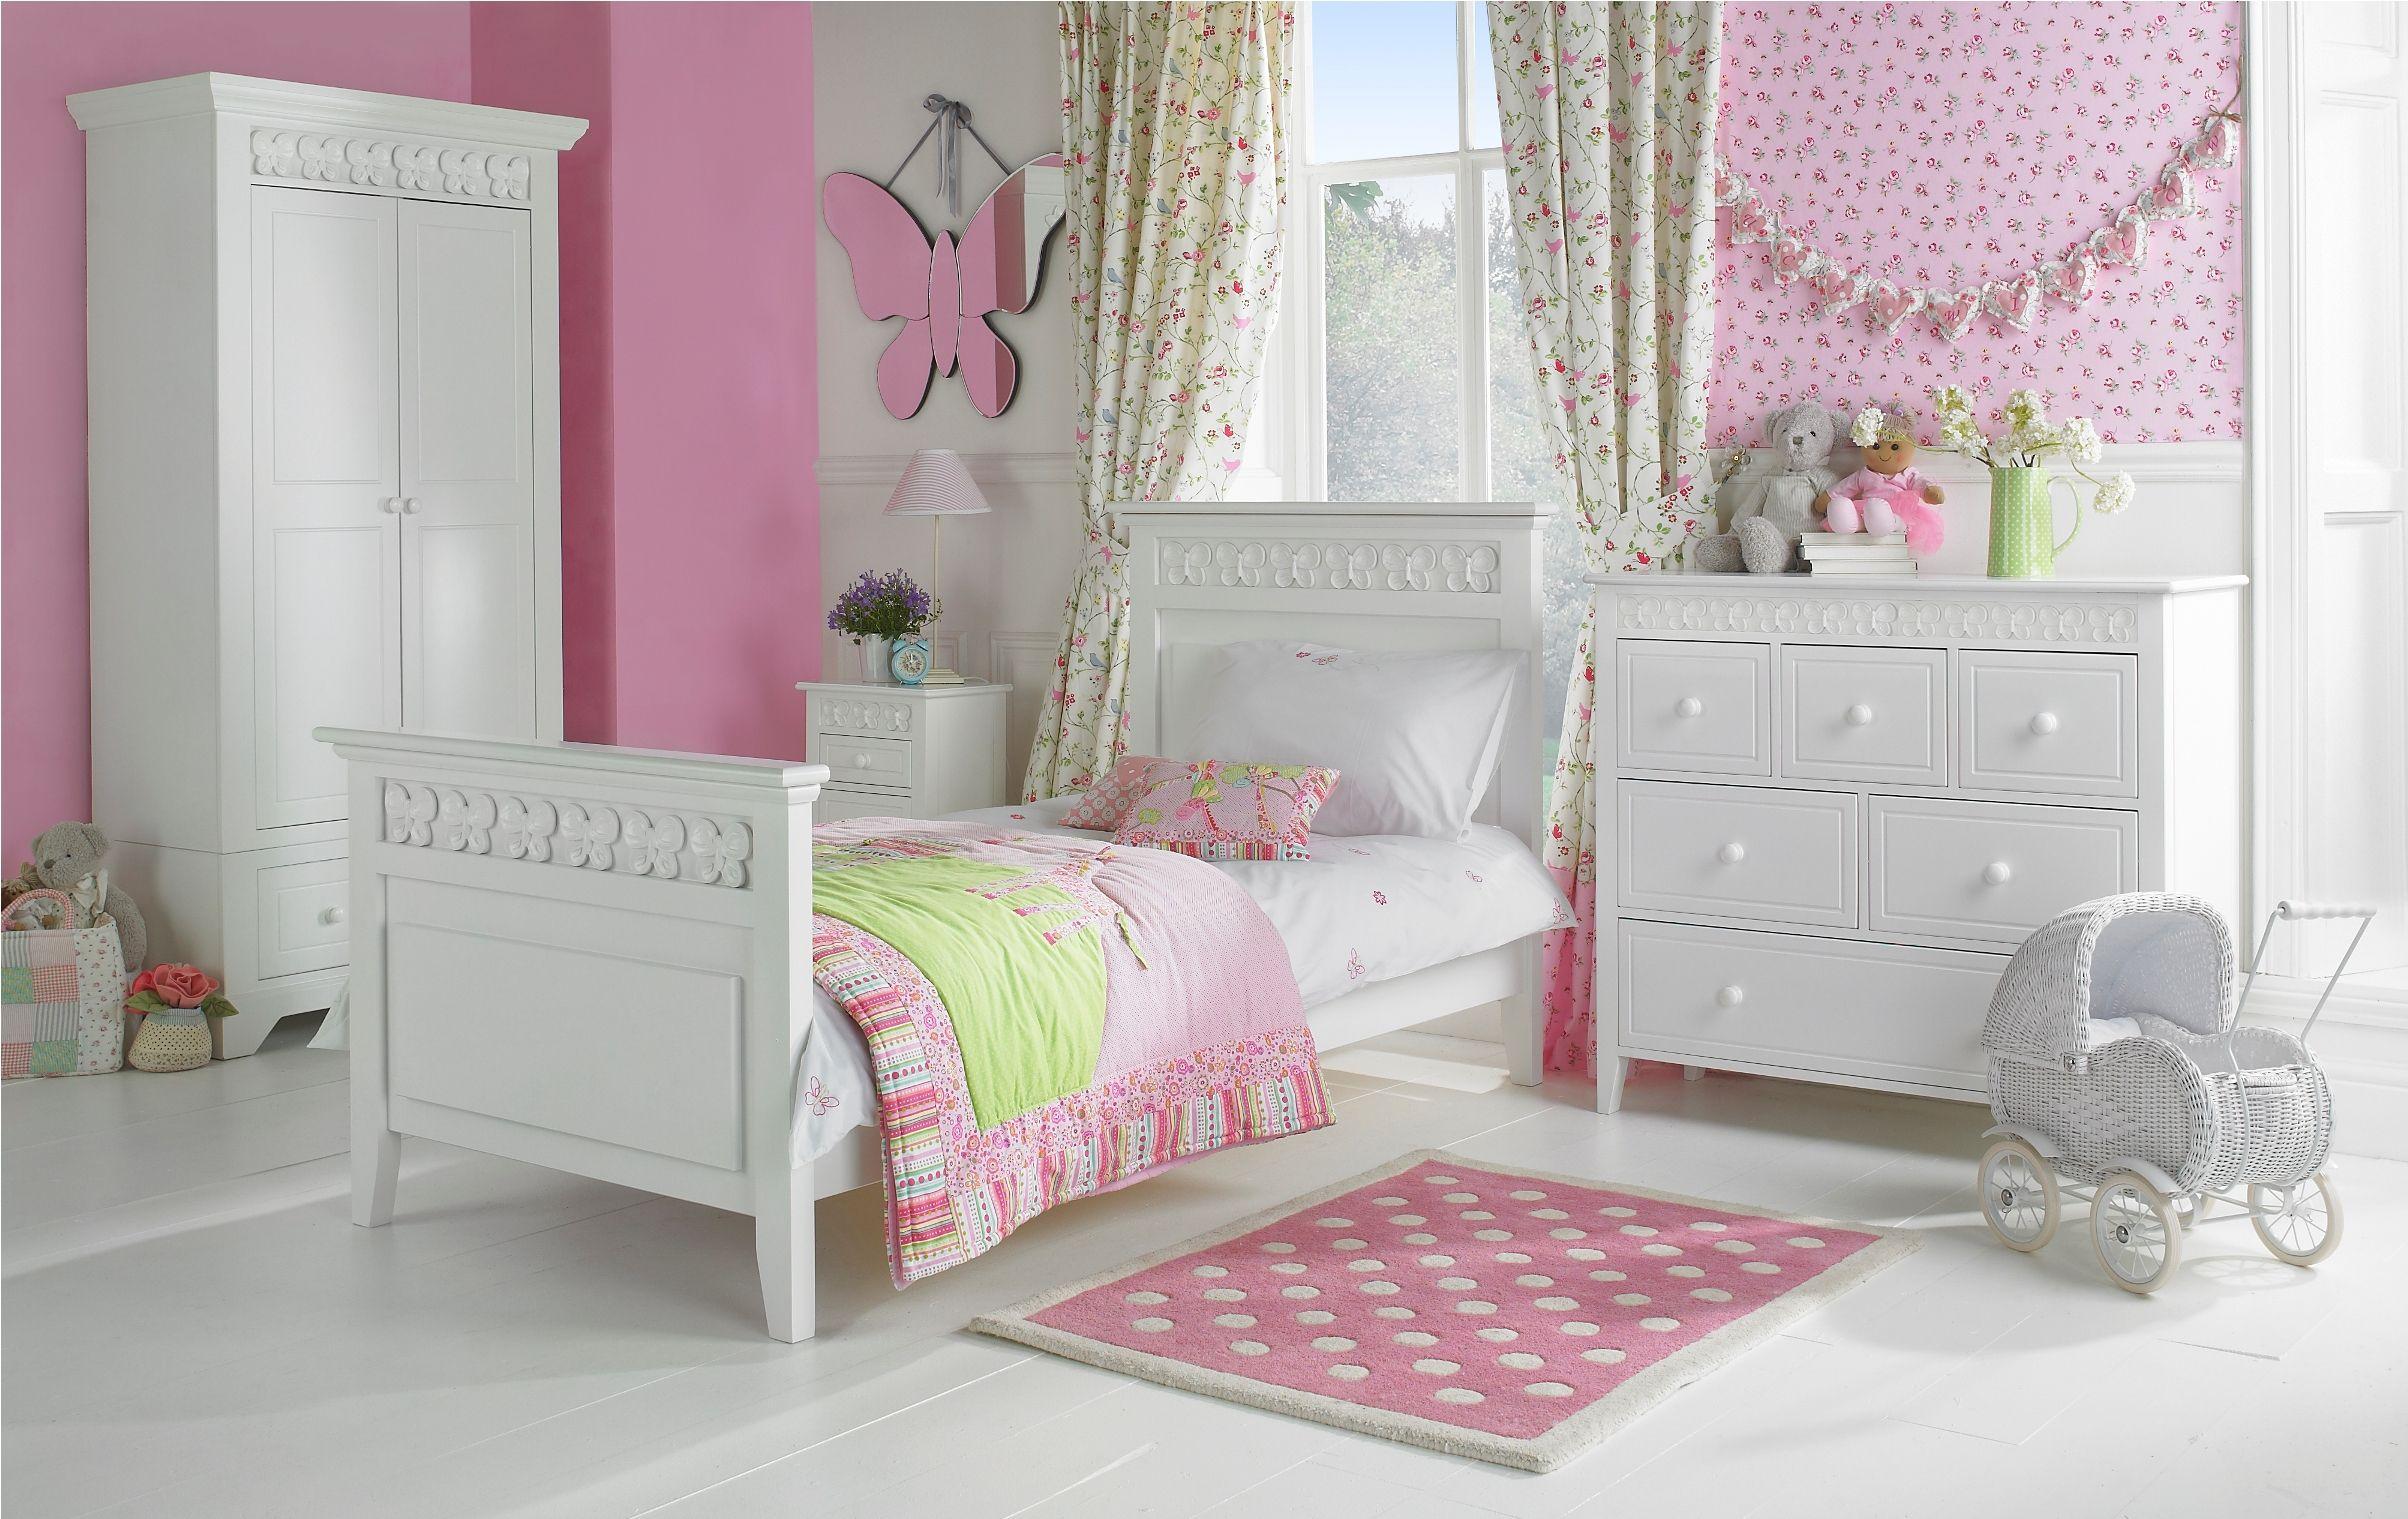 Brilliant Kids Girls Bedroom Furniture Sets White Image3 ...